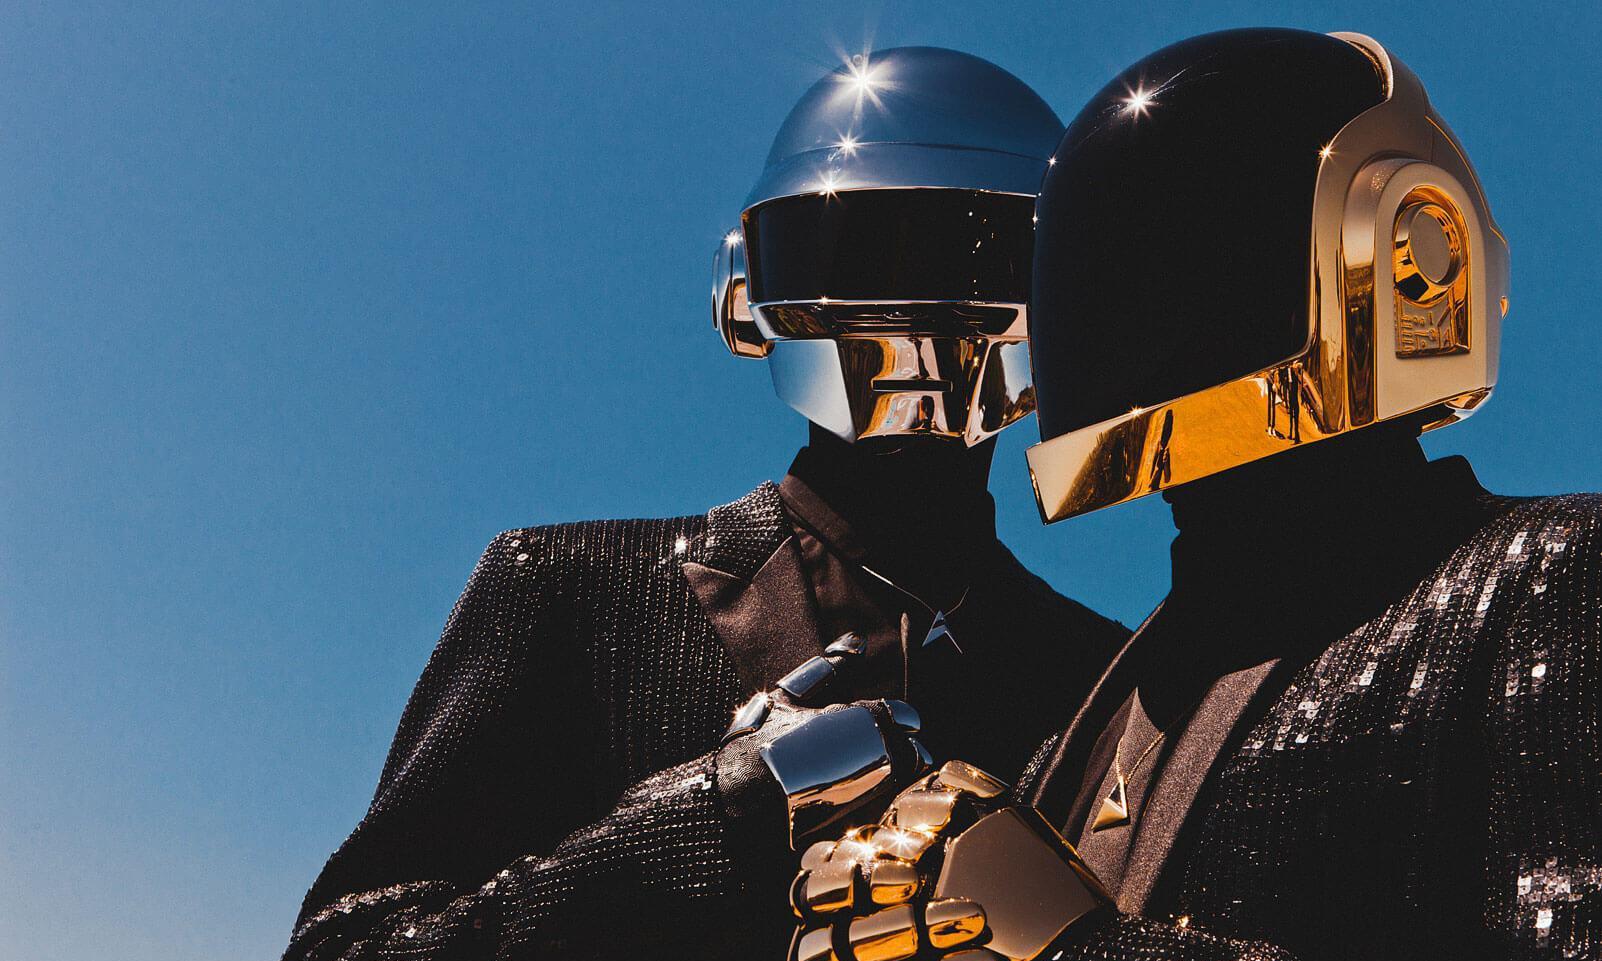 成立 28 年之后,Daft Punk 选择断开连接